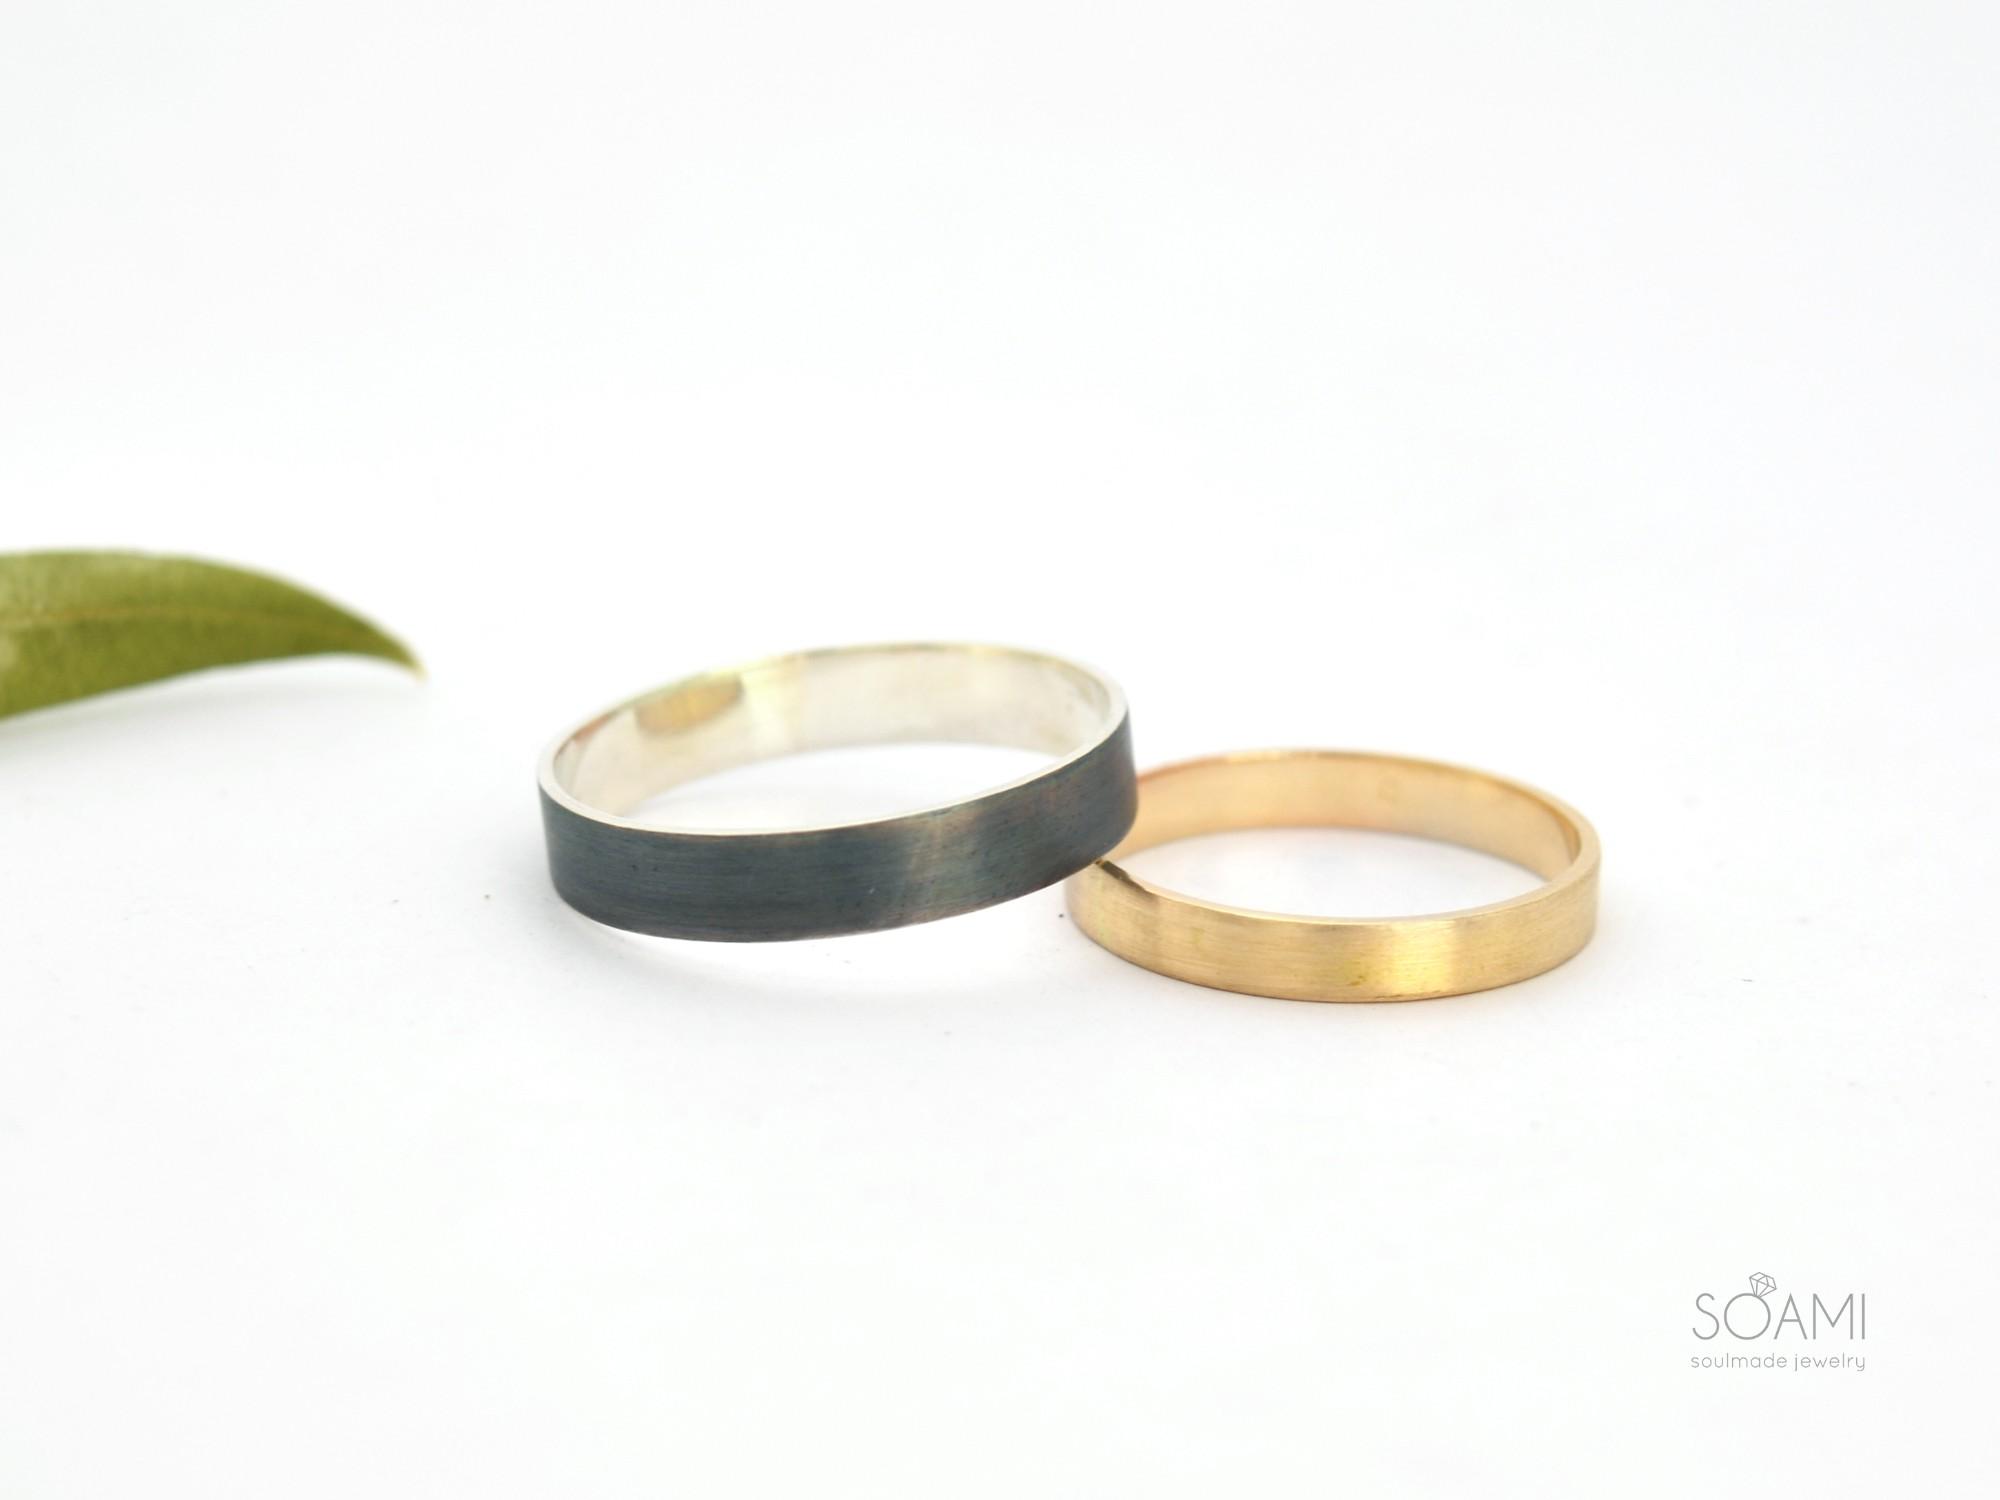 snubní prsteny Day&Night, 585 zlato a 925 stříbro